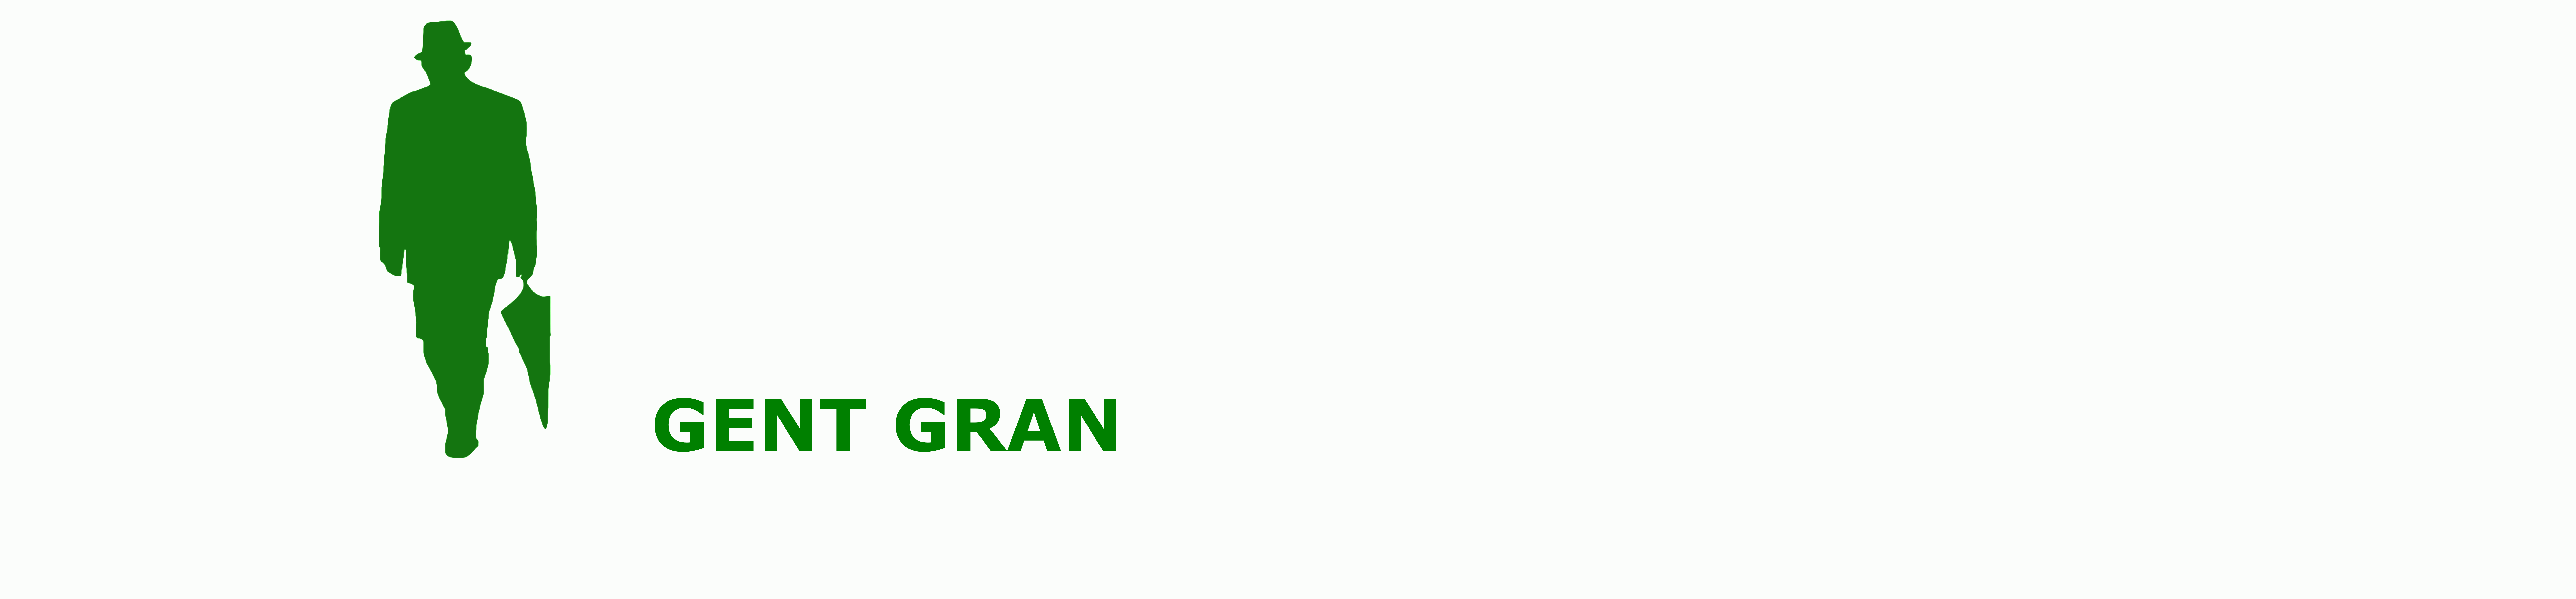 https://quiropracticalolivera.com/wp-content/uploads/2018/06/ayudar-estres-GENT-GRAN-quiropracticlolivera-1.png